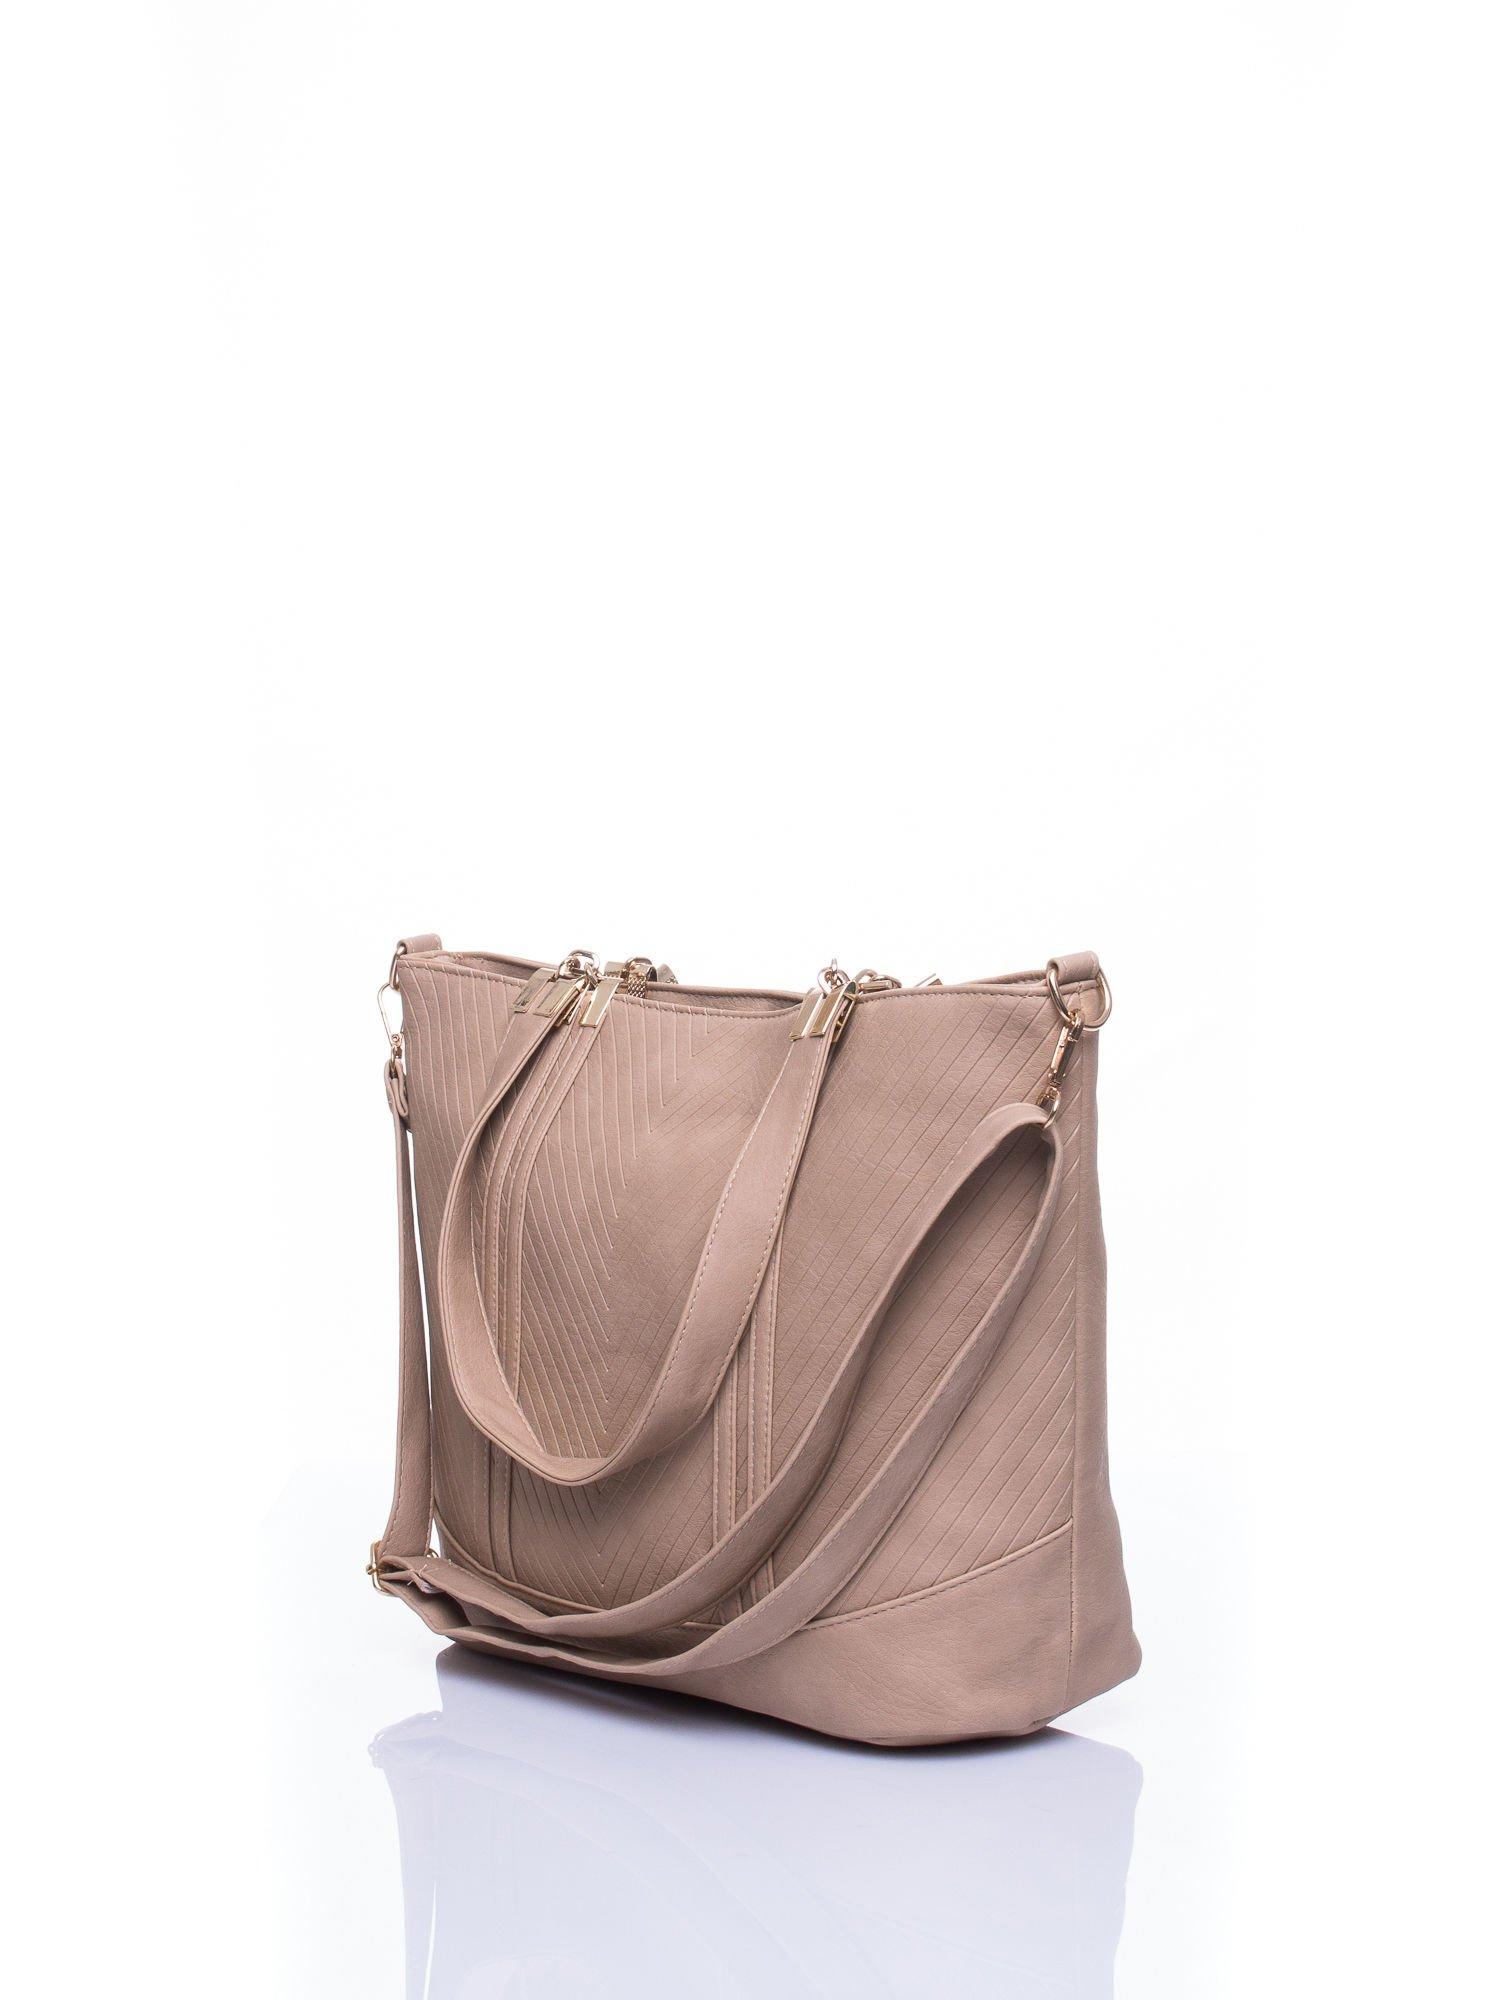 Beżowa fakturowana torebka damska ze złotymi okuciami                                  zdj.                                  5